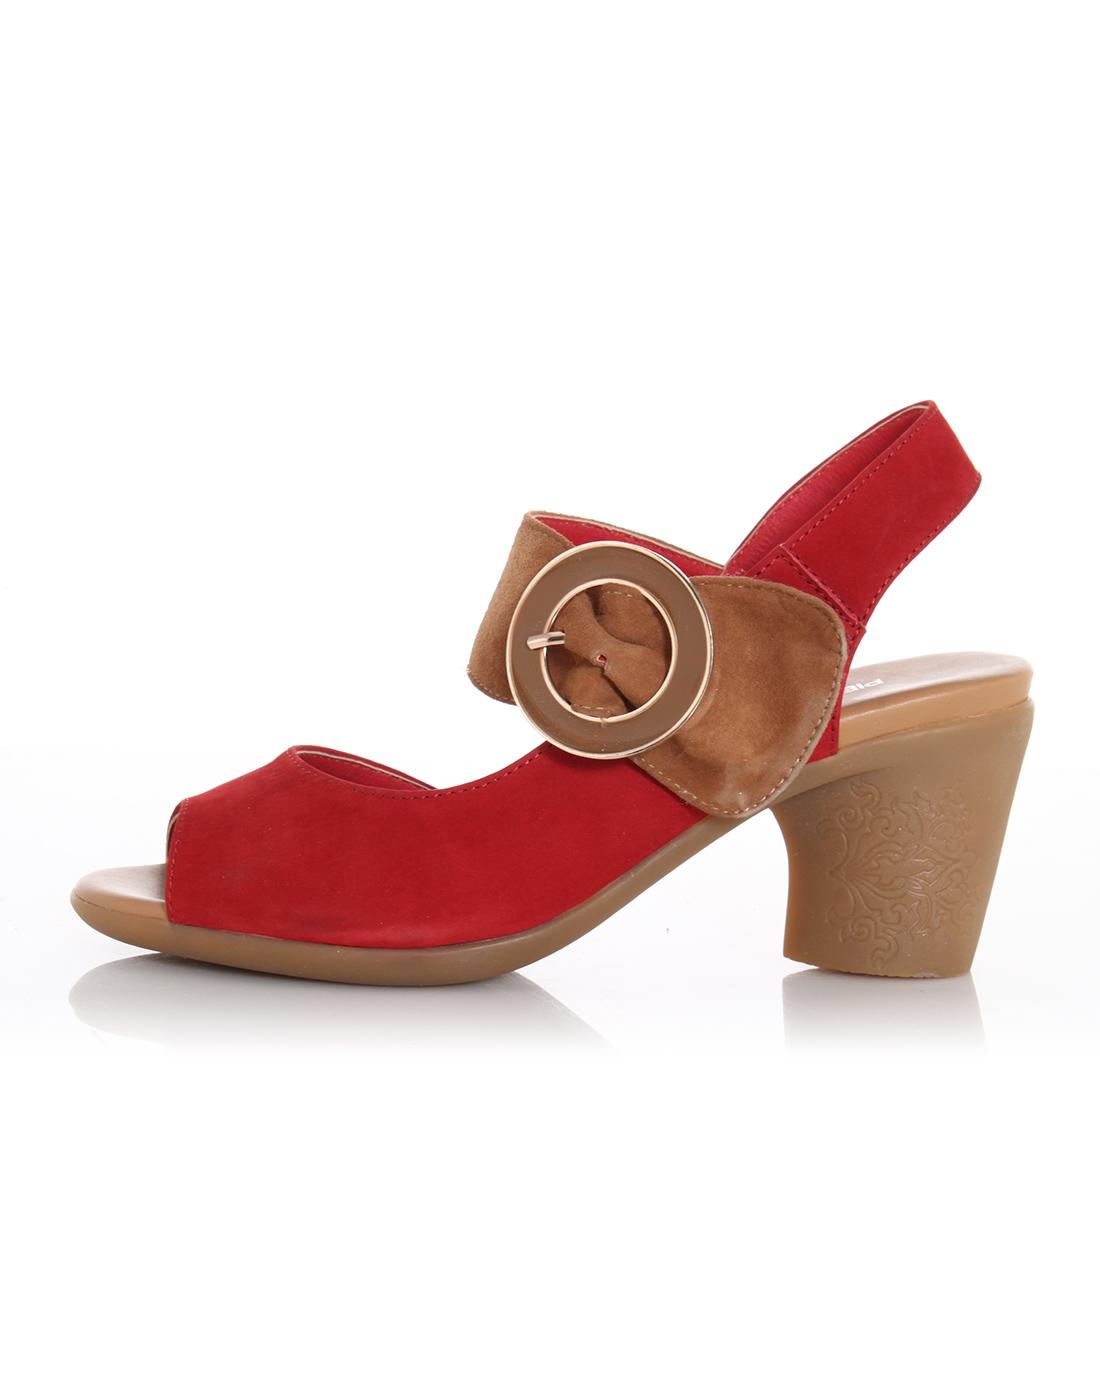 女款红/驼简约时尚粗跟头层牛皮露趾牛筋底凉鞋